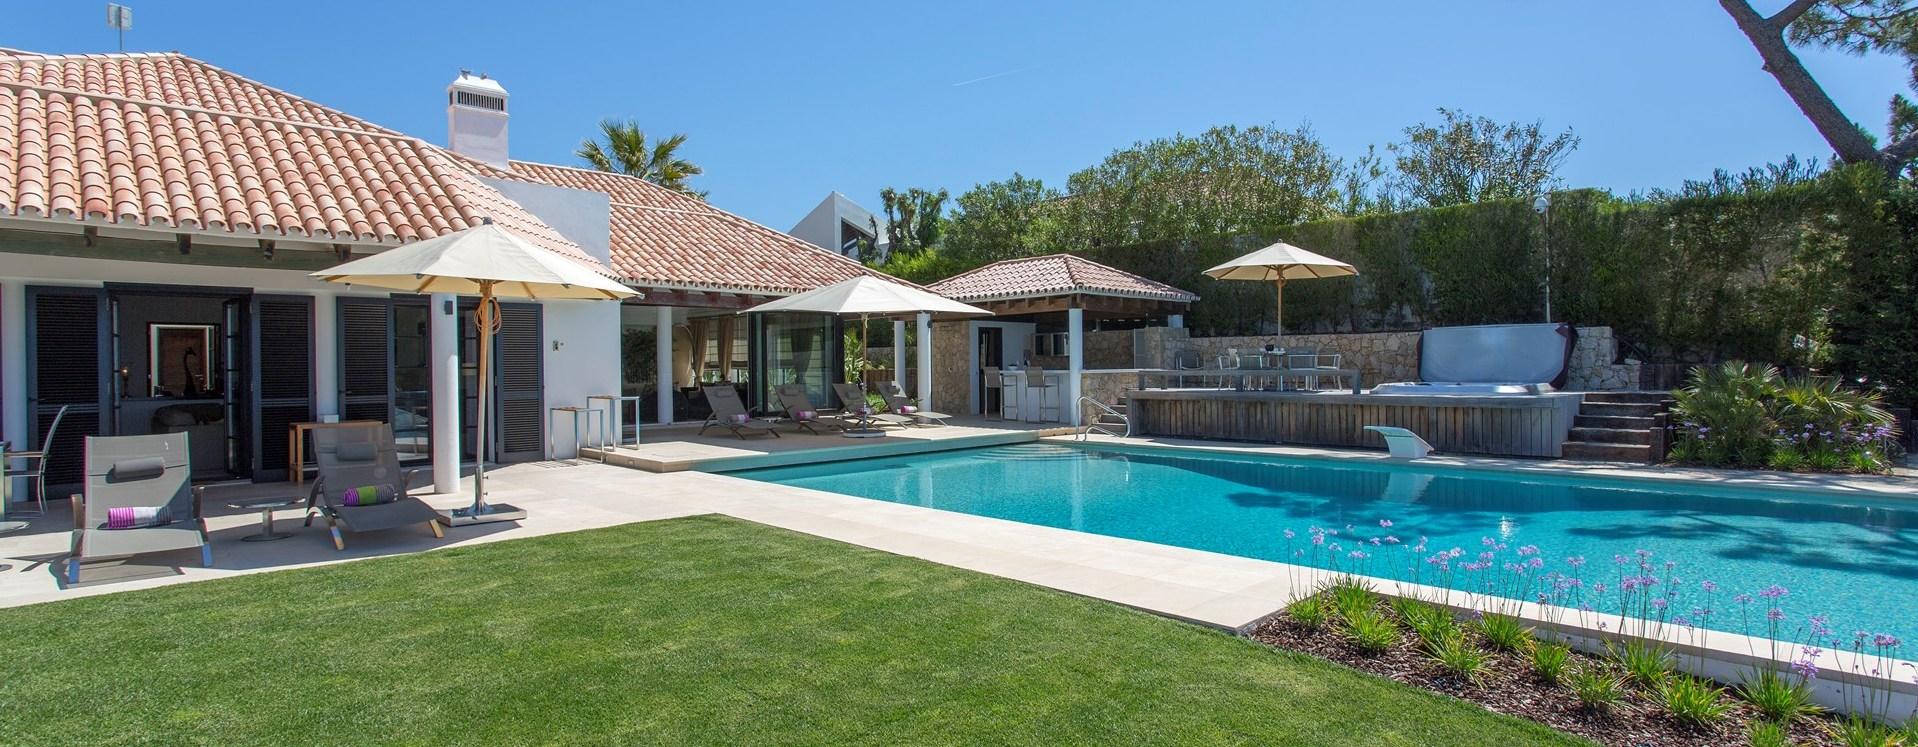 villa-balbina-algarve-pool